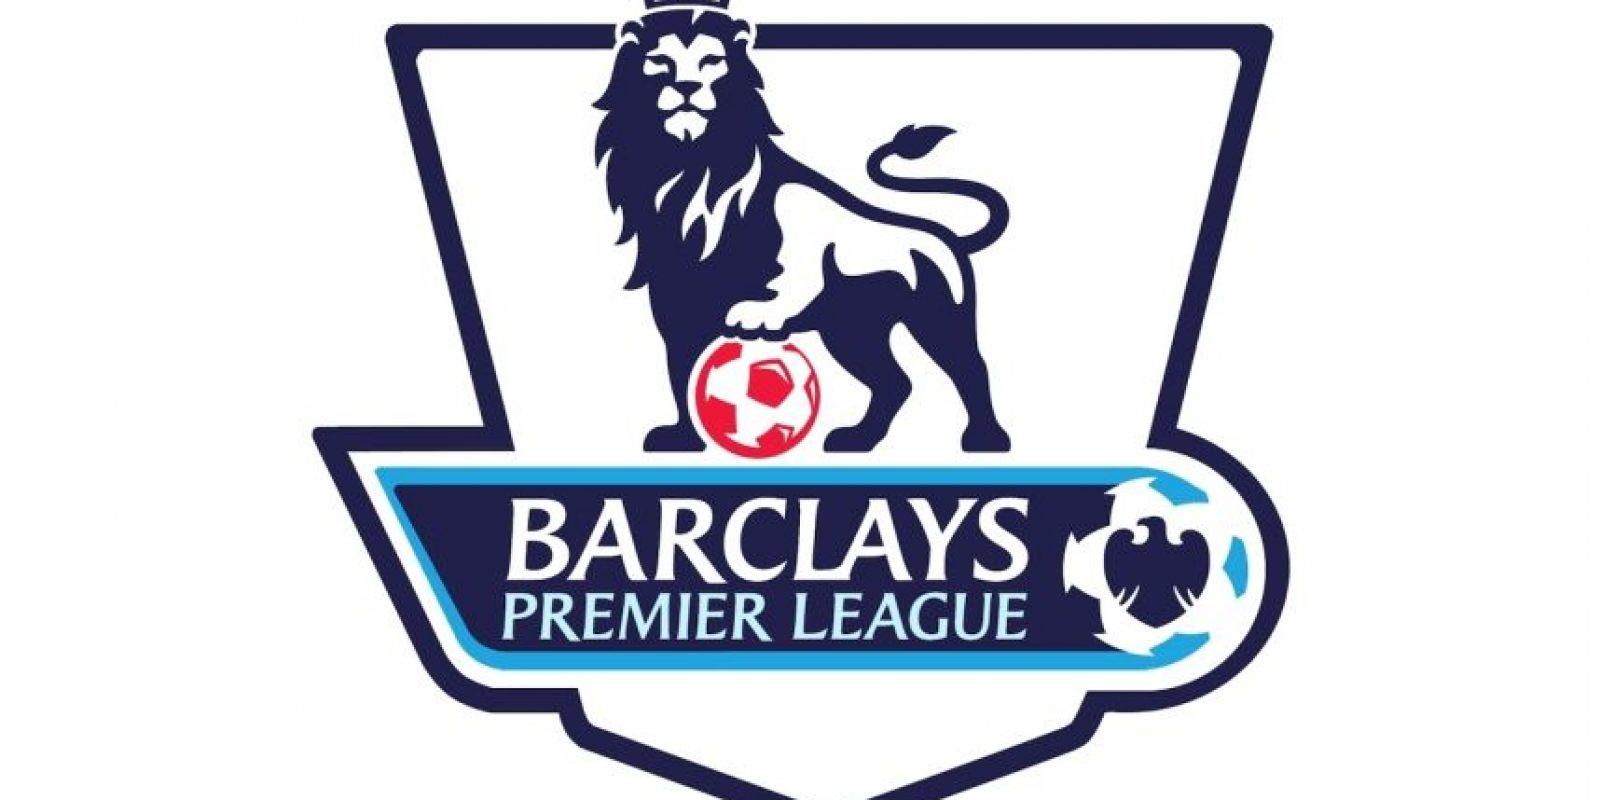 La Premier League y las distintas categorías del fútbol inglés son las que más jugadores (139) aportan a la Eurocopa